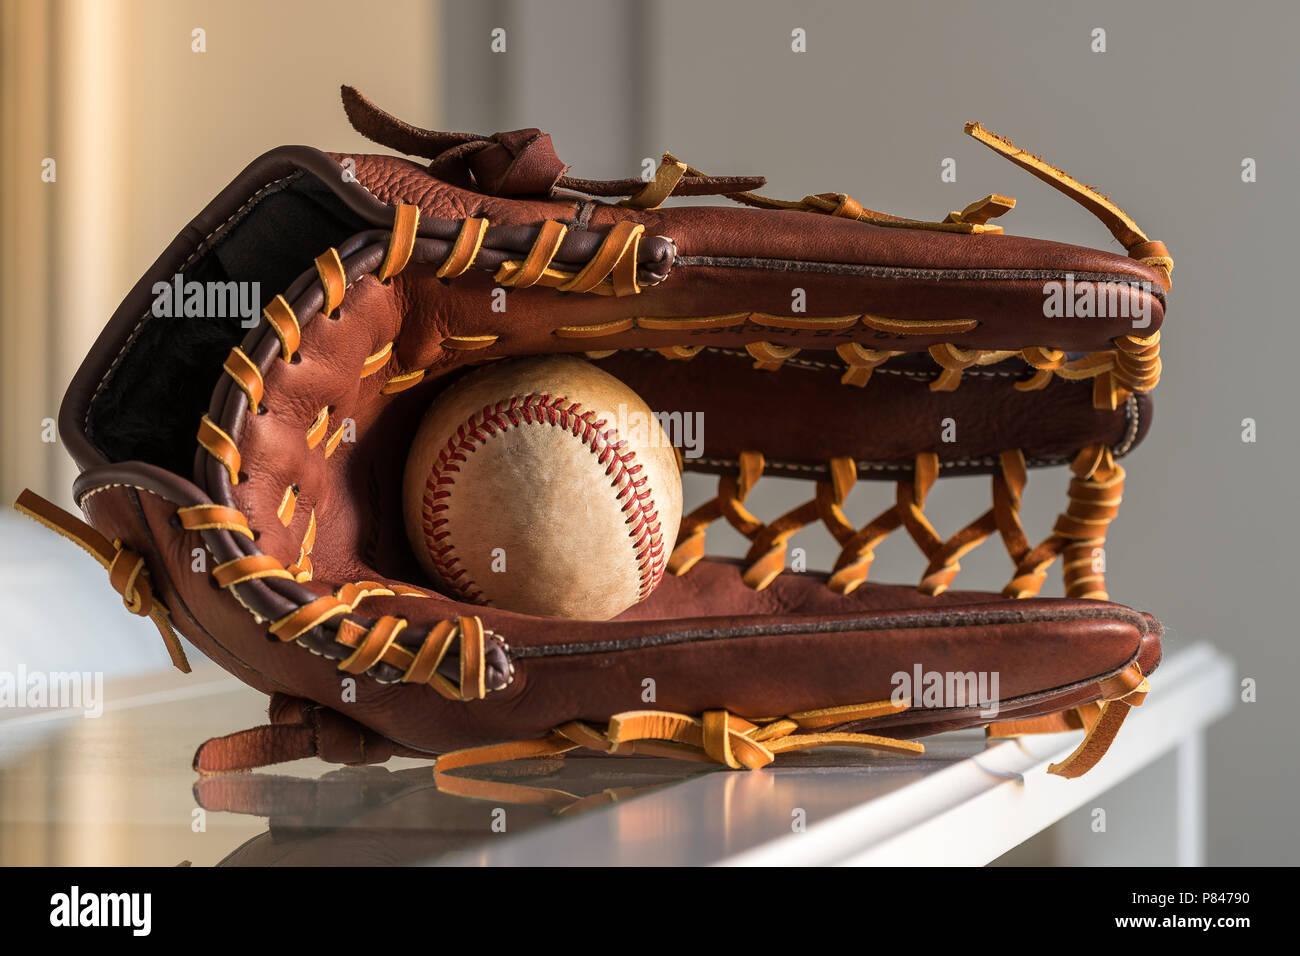 Nahaufnahme einer verwendet baseball ball innerhalb Braun, Leder baseball Handschuh auf schlichten, grauen Hintergrund. Stockfoto